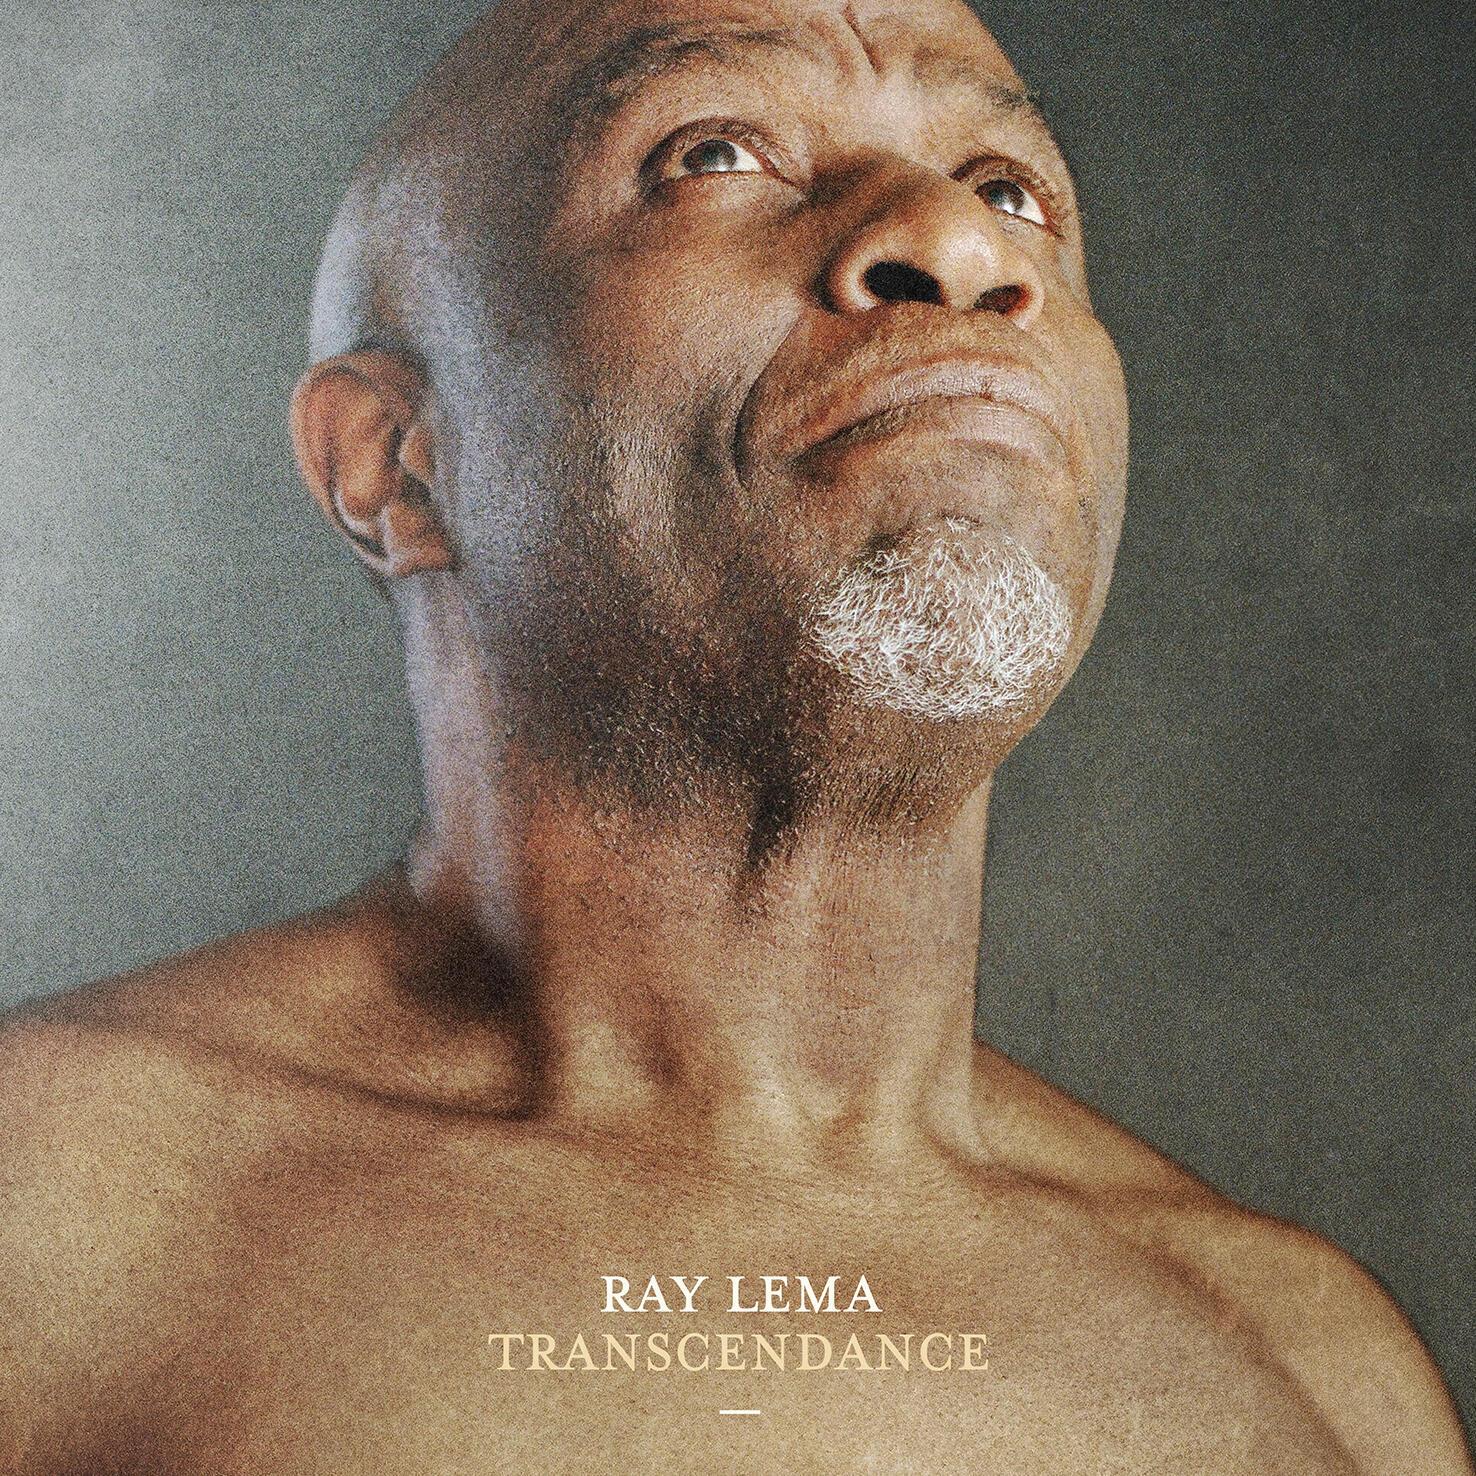 Lema in spiritual mode on new album Transcendence